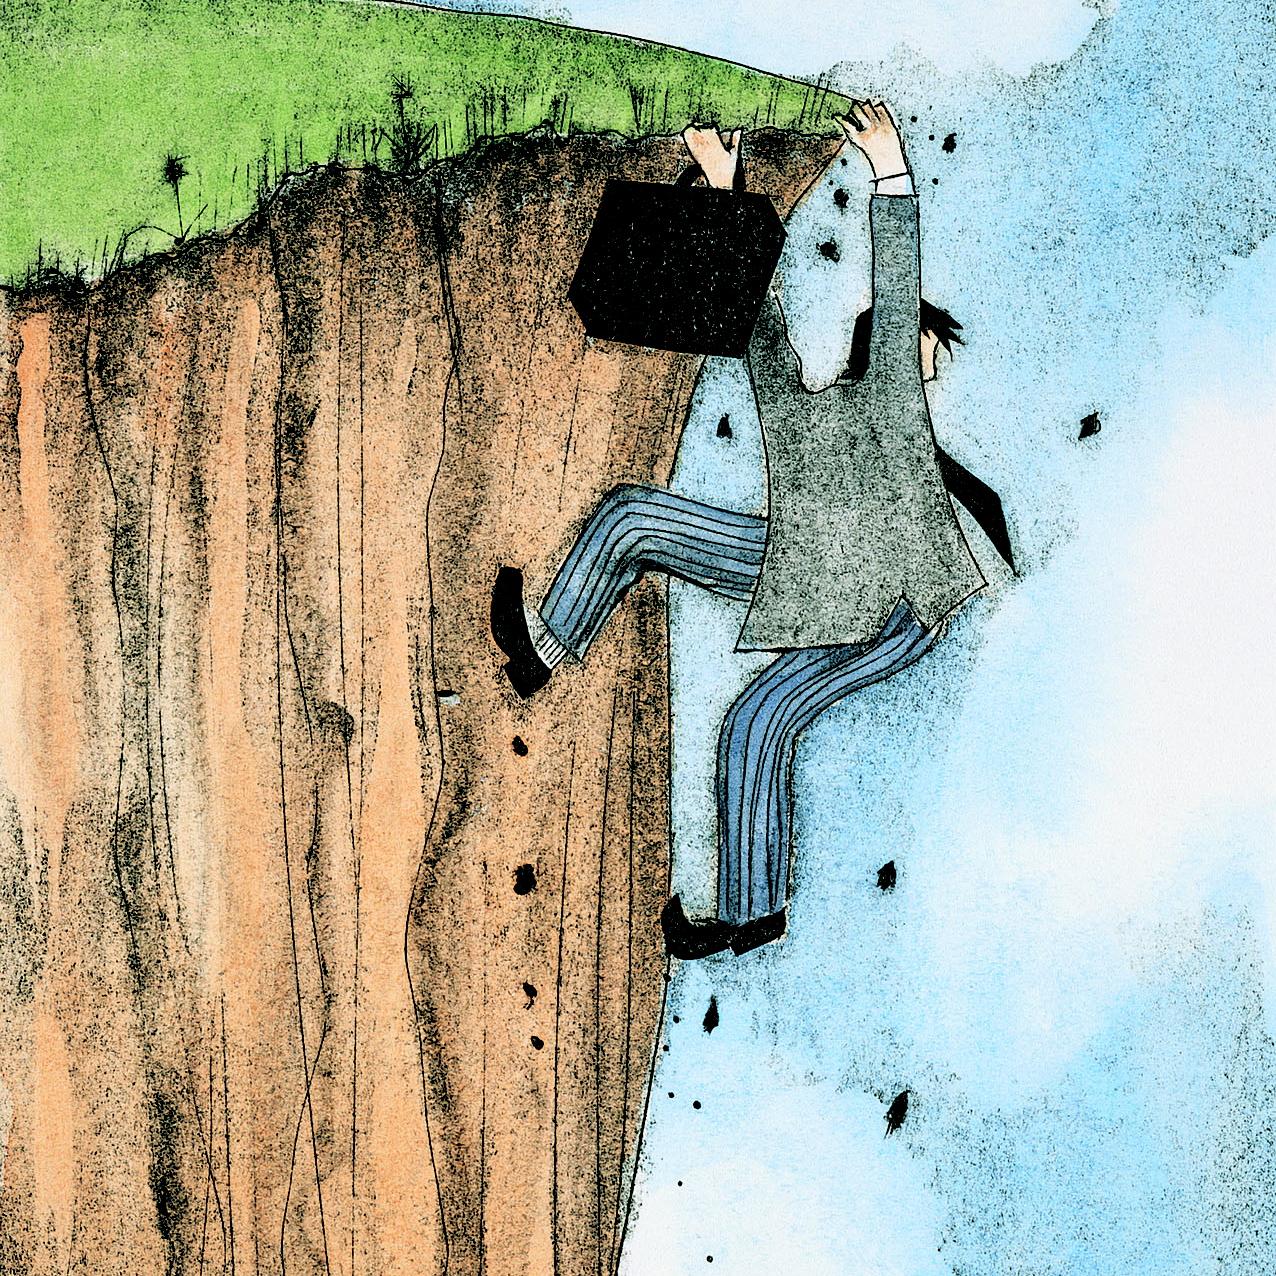 Een adviseur die van de klif dreigt te vallen omdat hij foute metaforen gebruikt